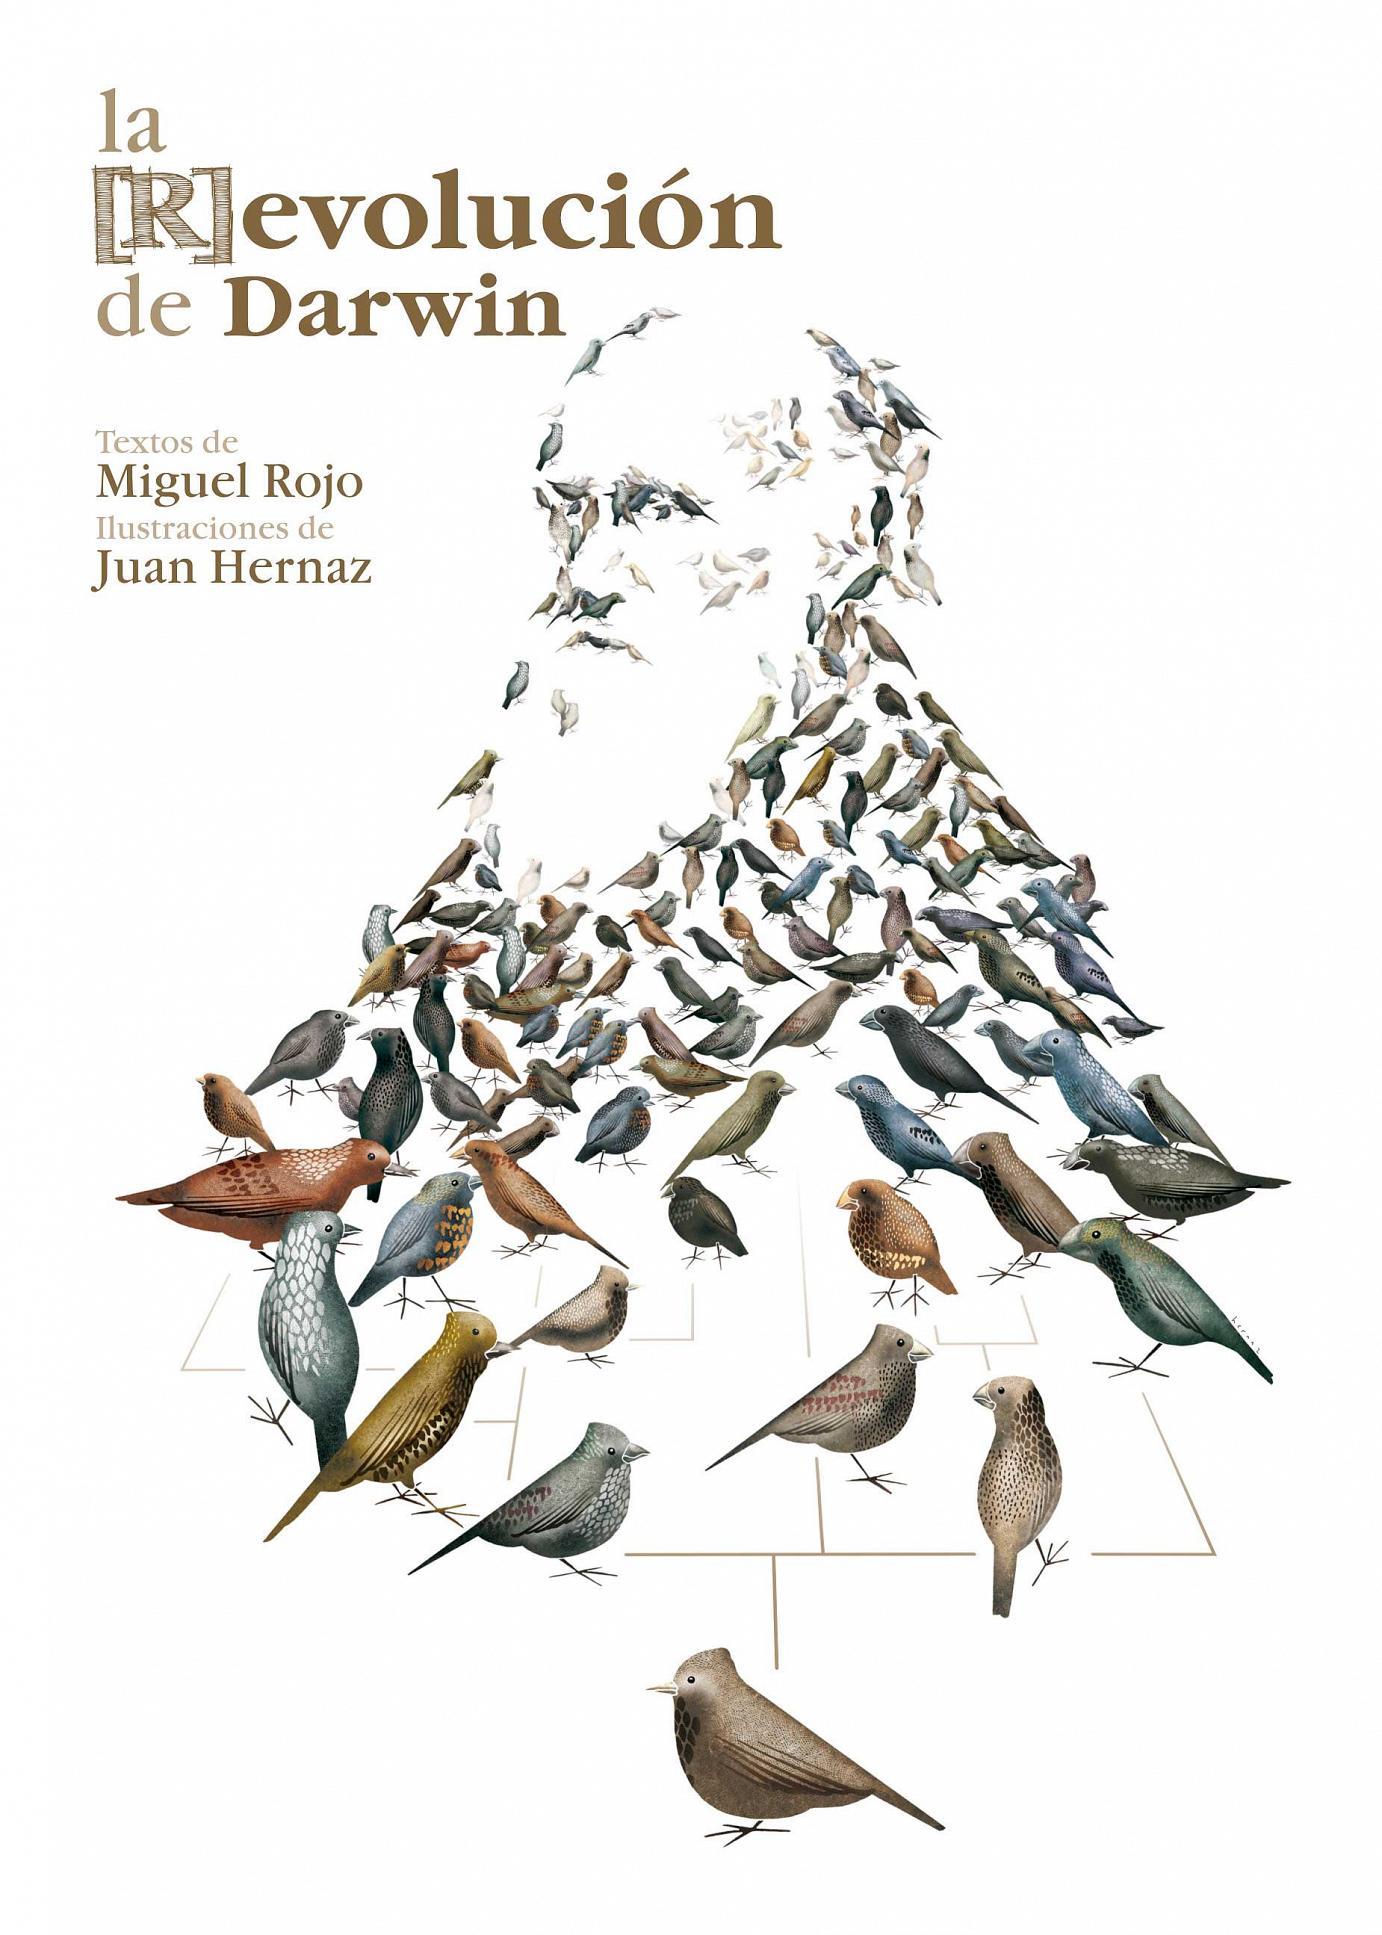 Umschlaggestaltung für das Buch »The [R]evolution of Darwin«, eine Veröffentlichnung des Botanischen Gartens von Gijón in Gedenken an das 200jährige Jubiläum von Charles Darwin. Dezember 2009.